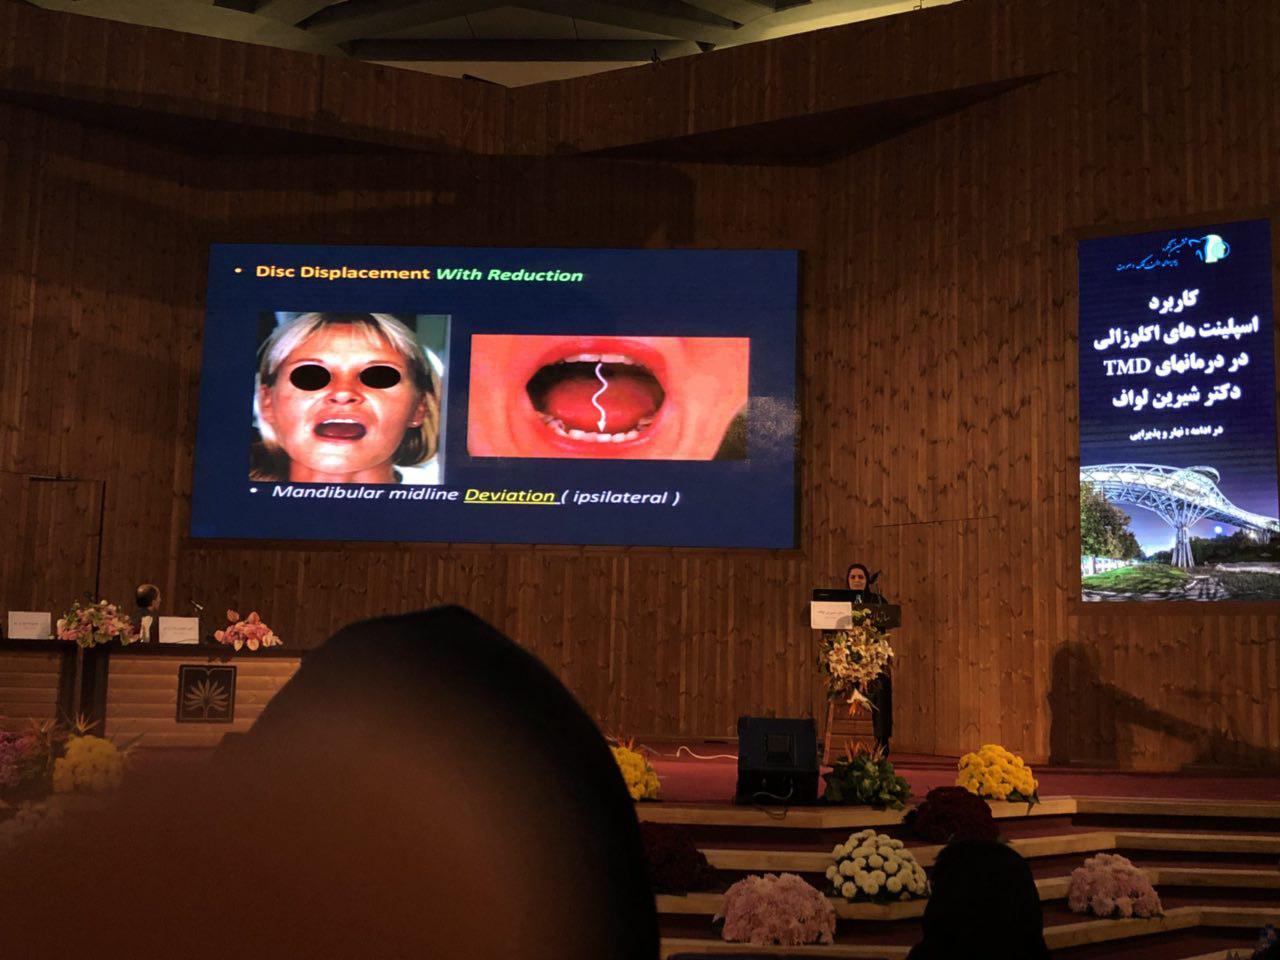 سخنرانی استاد دکتر شیرین لباف .متخصص پروتز های دندانی .اسپلینت های اکلوزالی در ششمین کنگره بیماریهای دهان فک صورت ایران